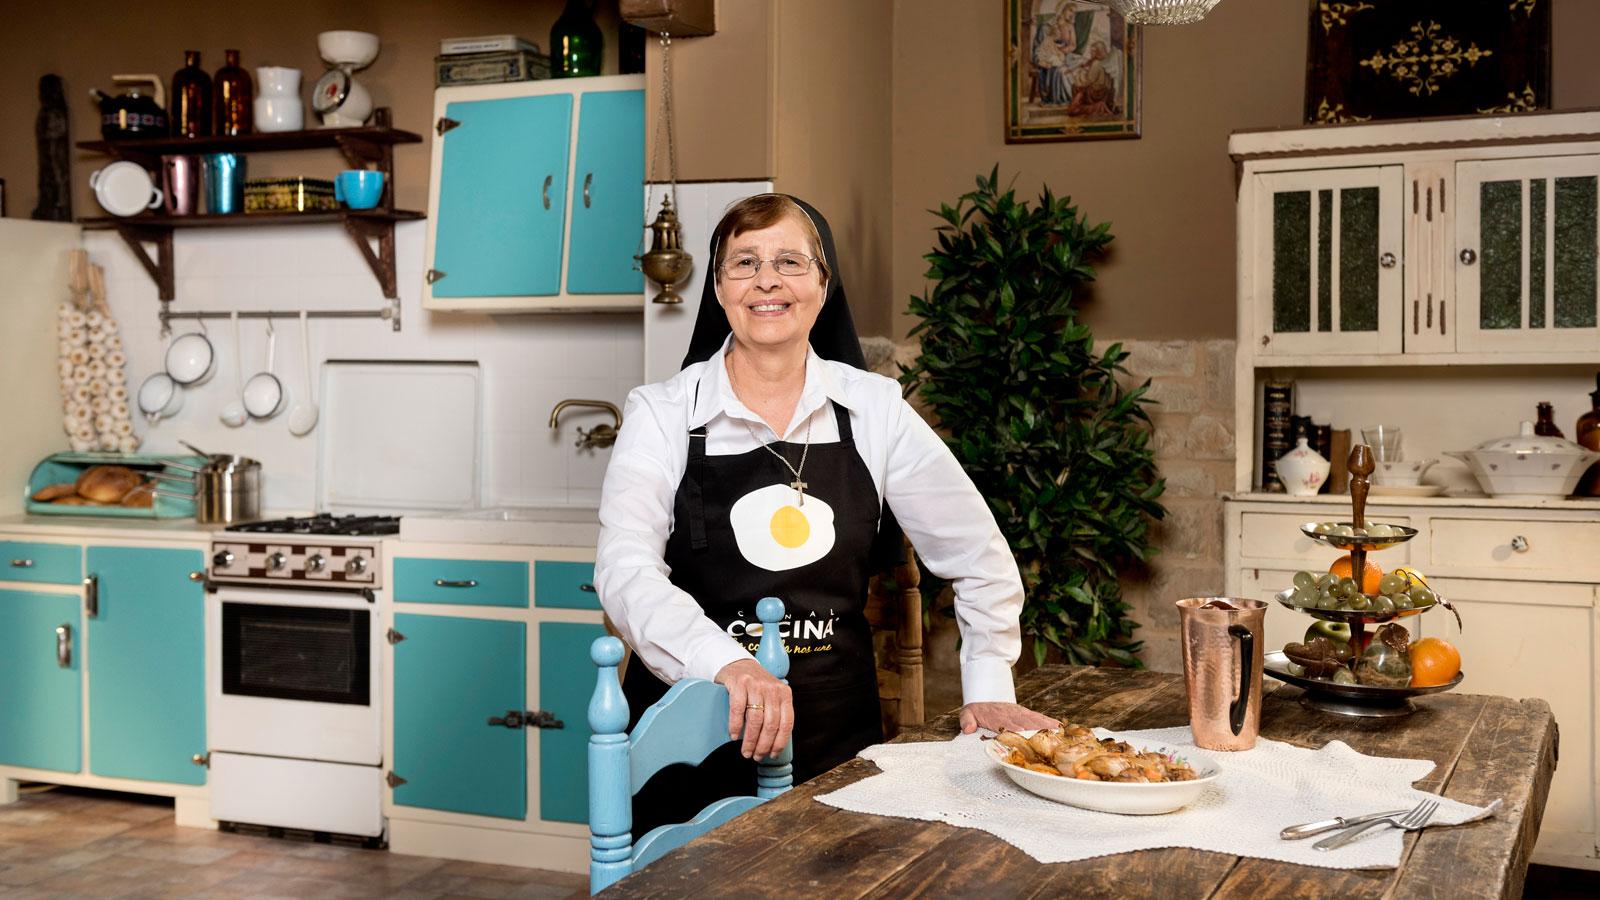 La Hermana María José Trae Sus Divinos Pucheros A Canal Cocina Noticias Canal Cocina